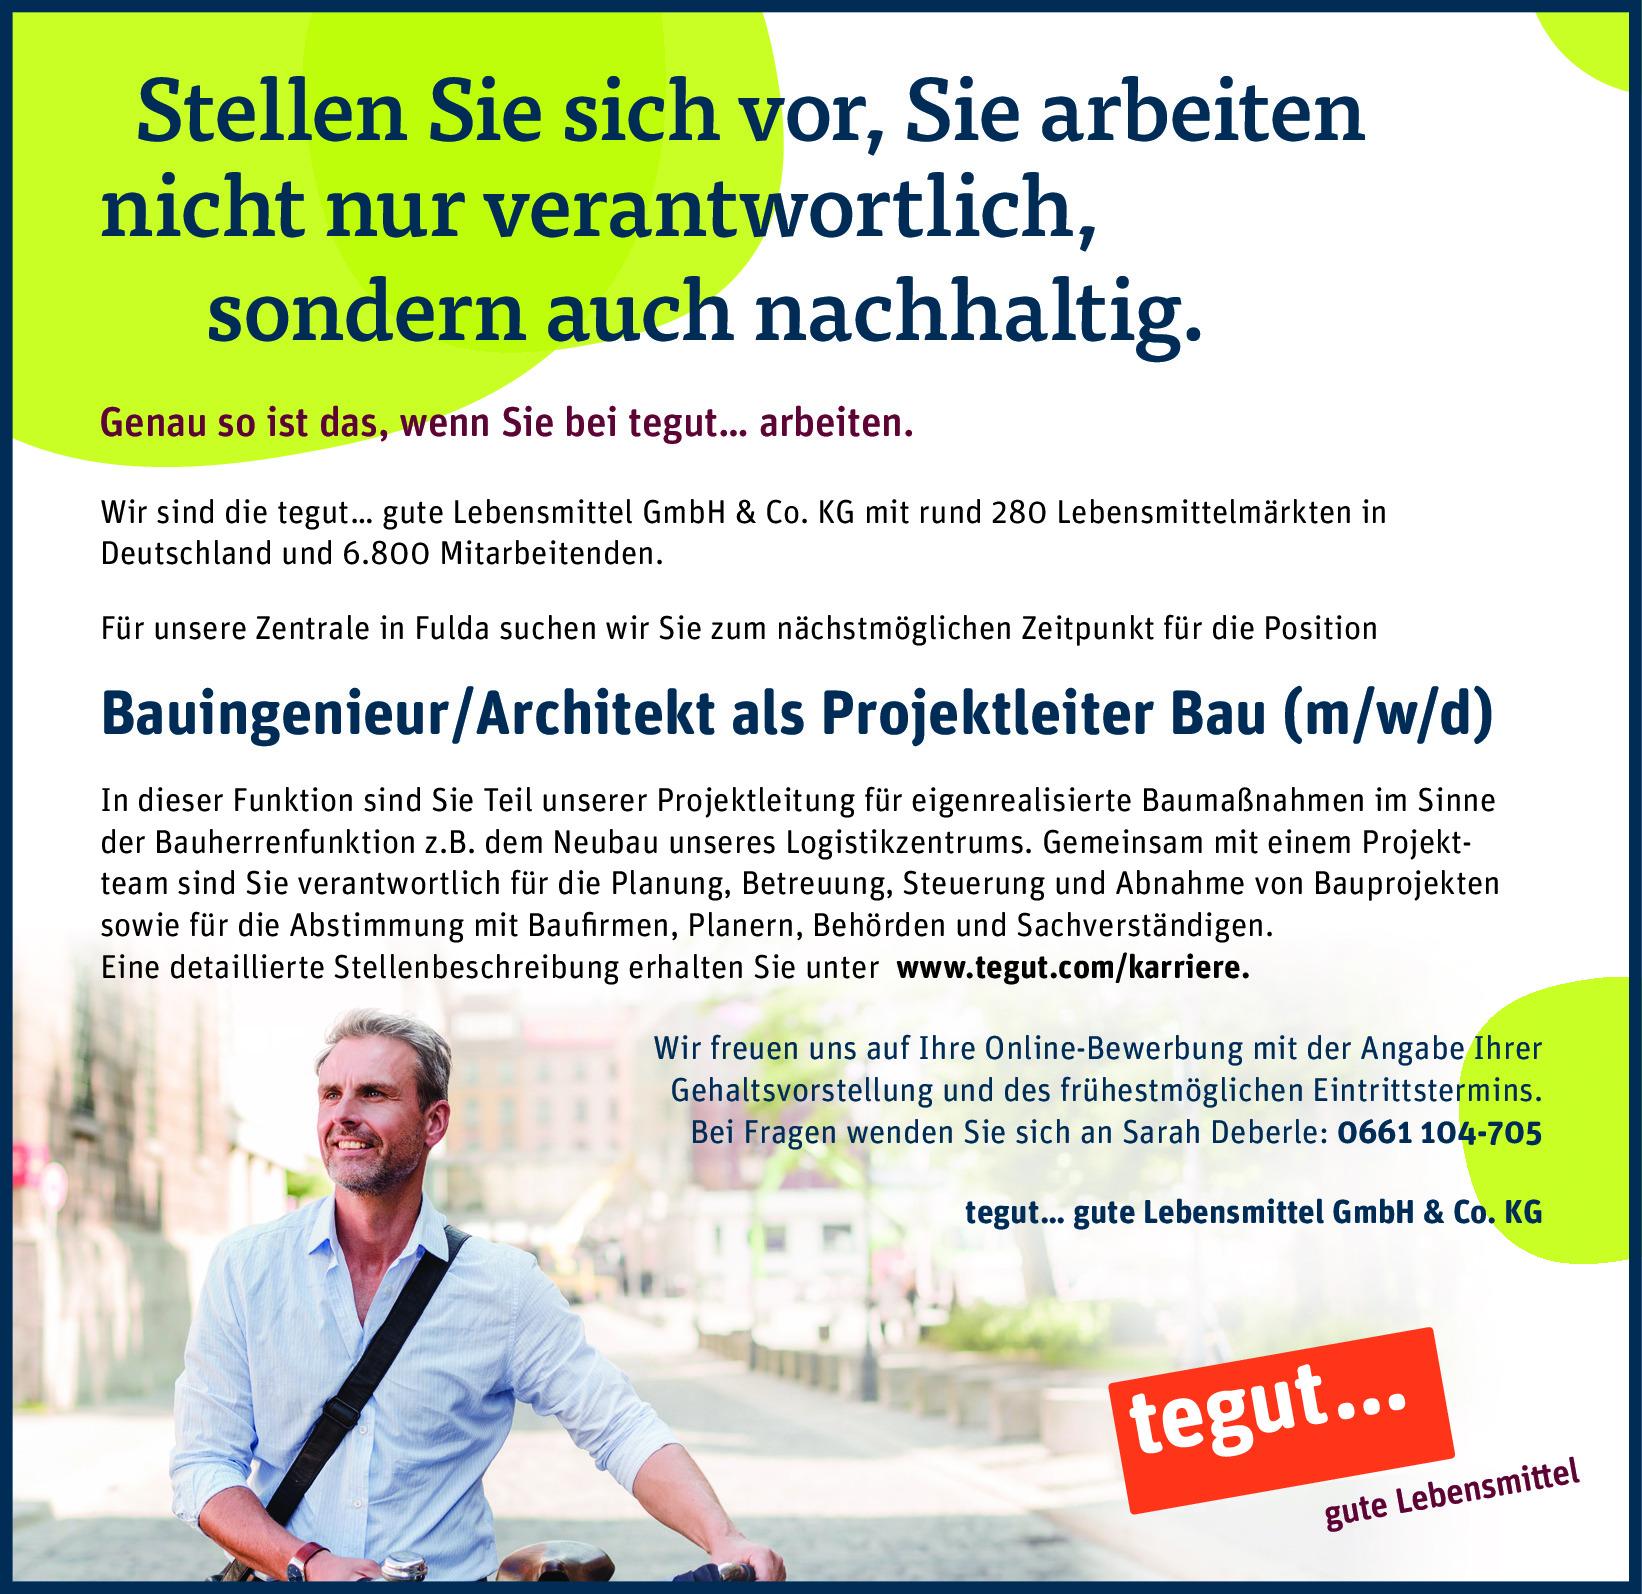 Bauingenieur/Architekt als Projektleiter Bau (m/w/d)